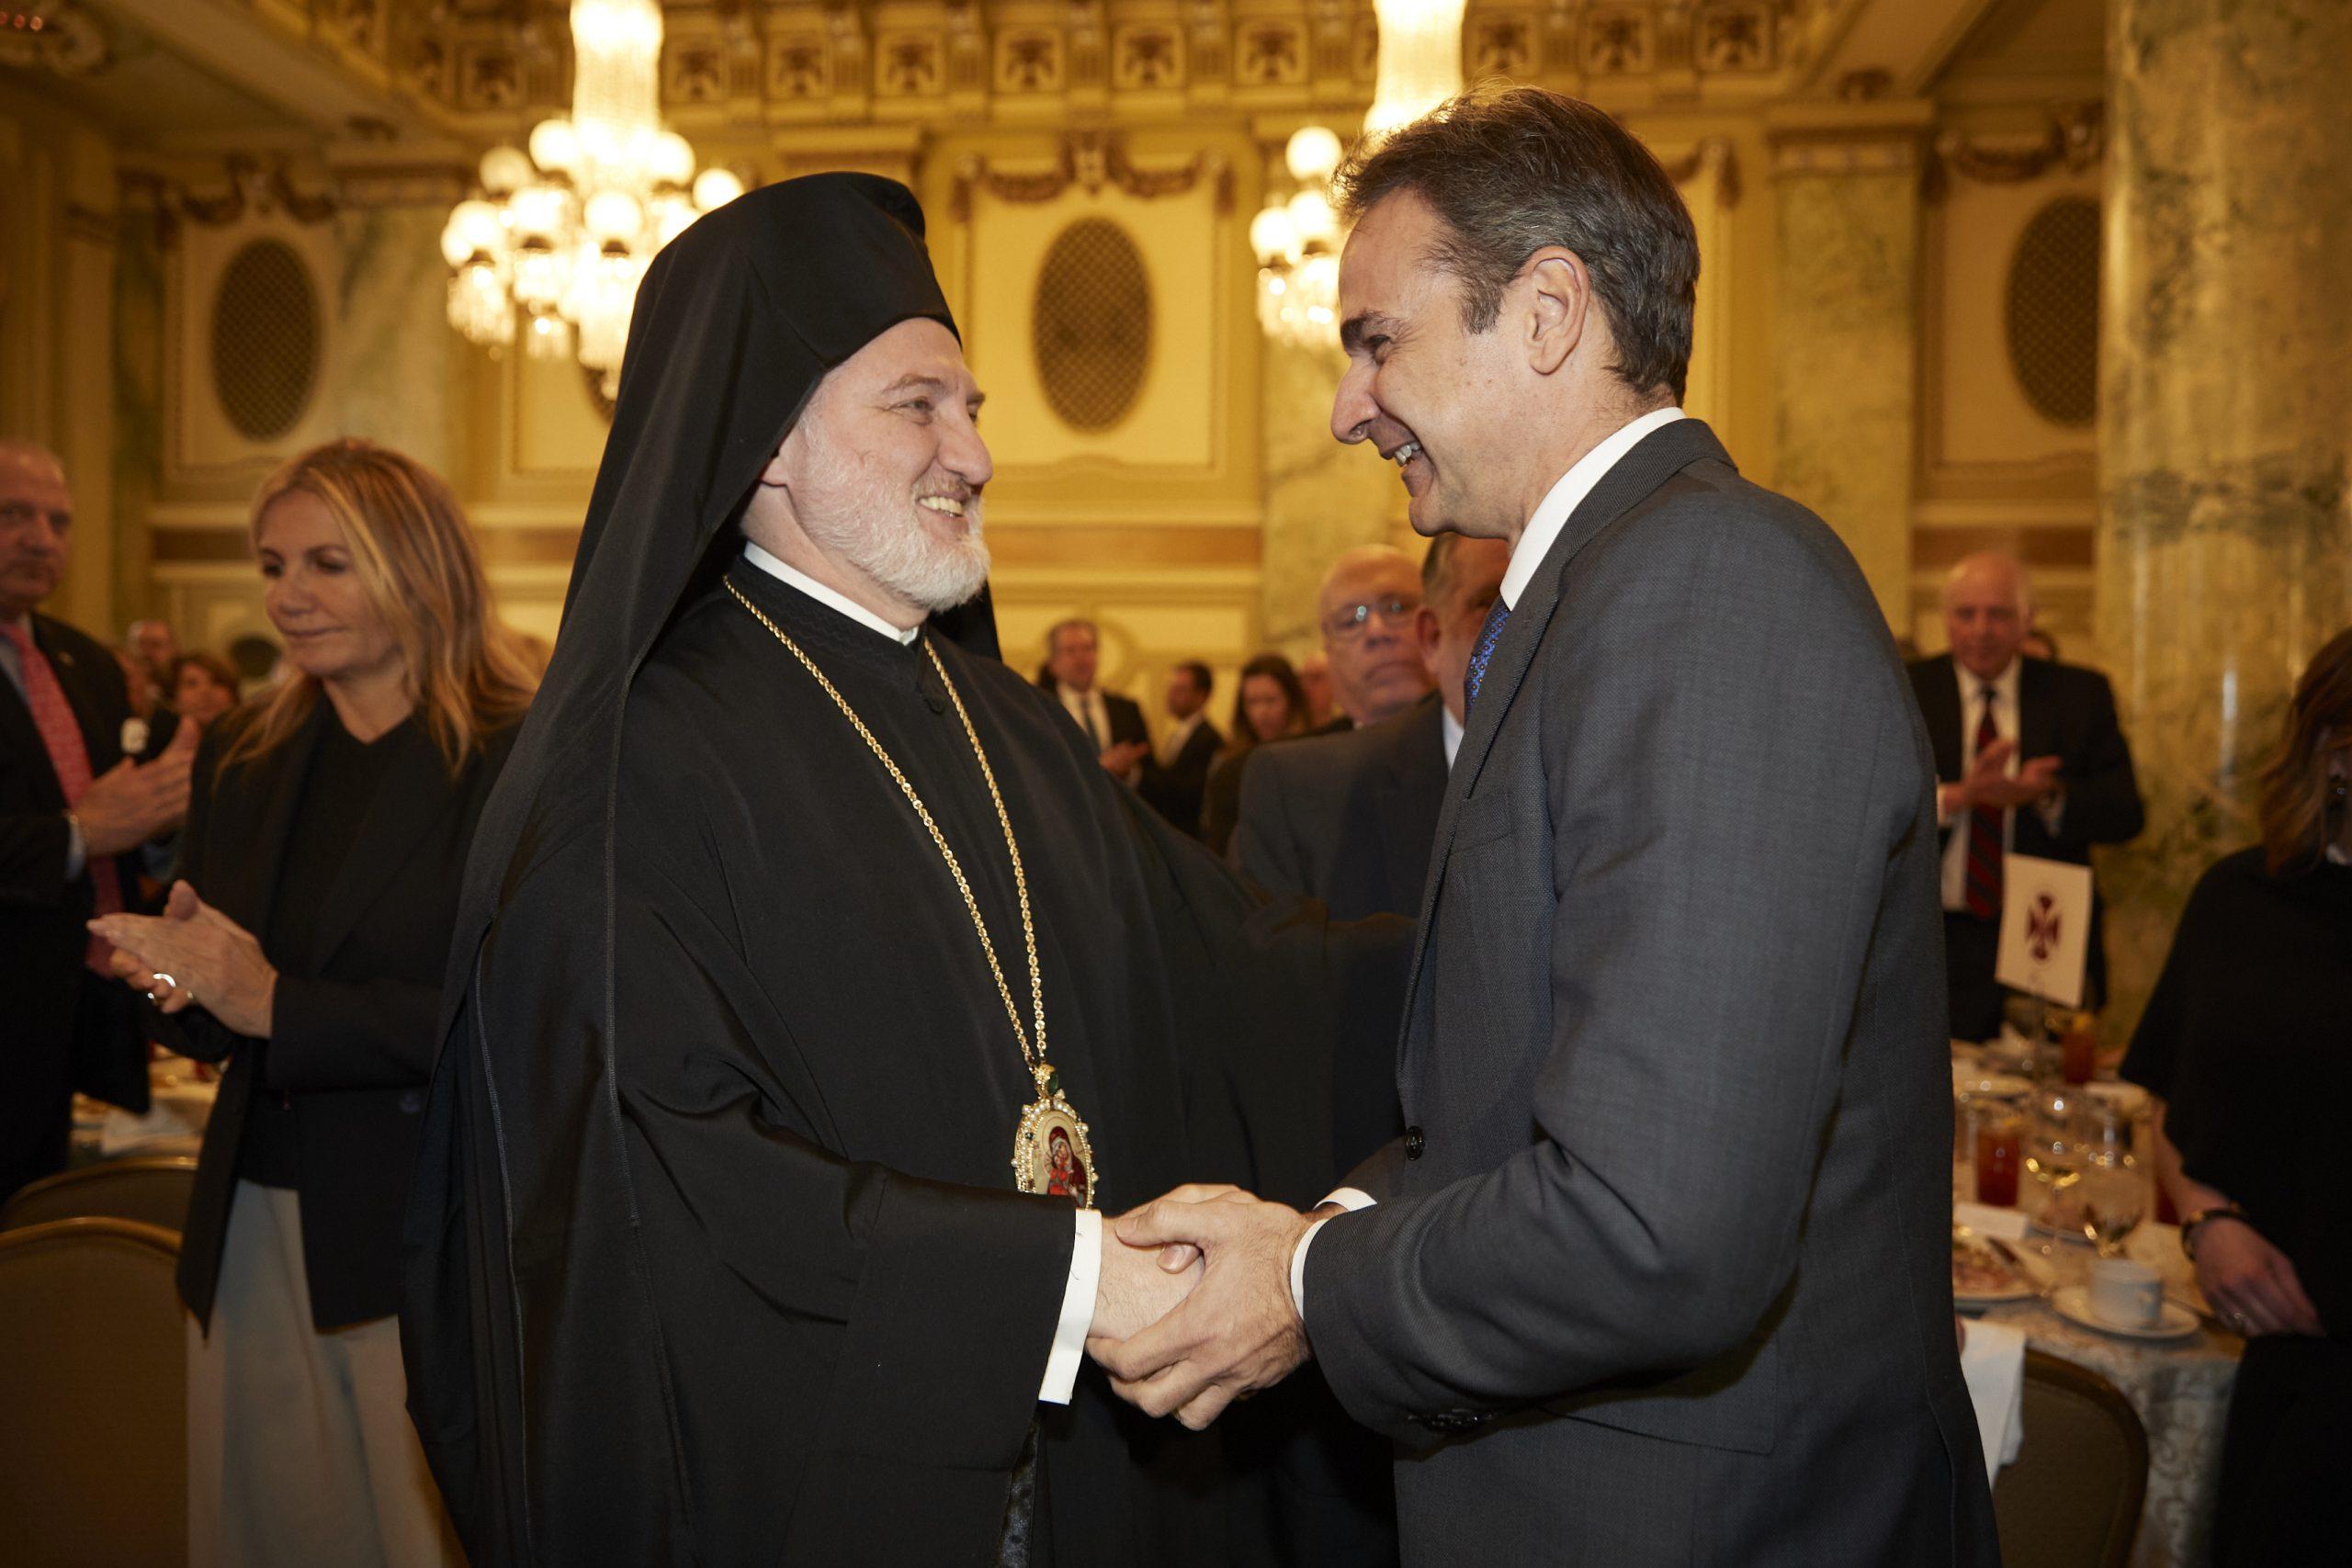 """""""Μύλος"""" λόγω της παρουσίας του Αρχιεπισκόπου Αμερικής δίπλα σε Ερντογάν-Τατάρ! Θα συναντηθεί με Μητσοτάκη;"""